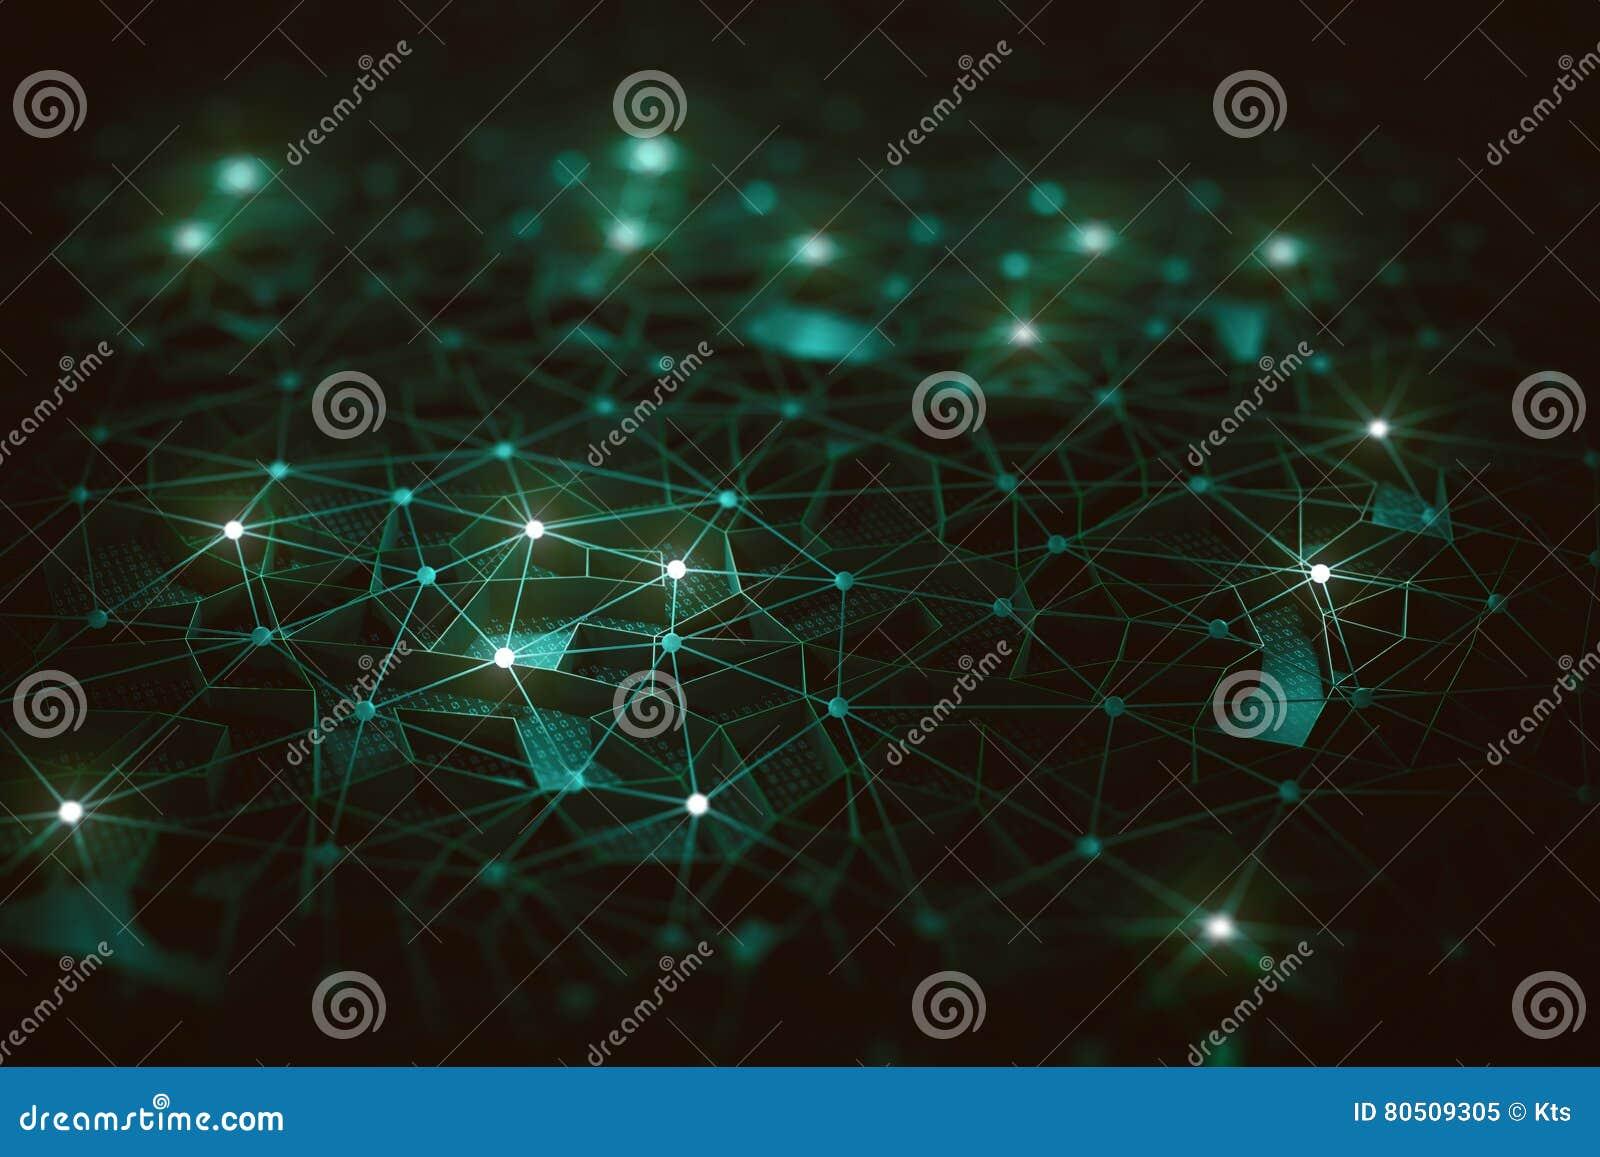 Künstliche Intelligenz/neurales Netz